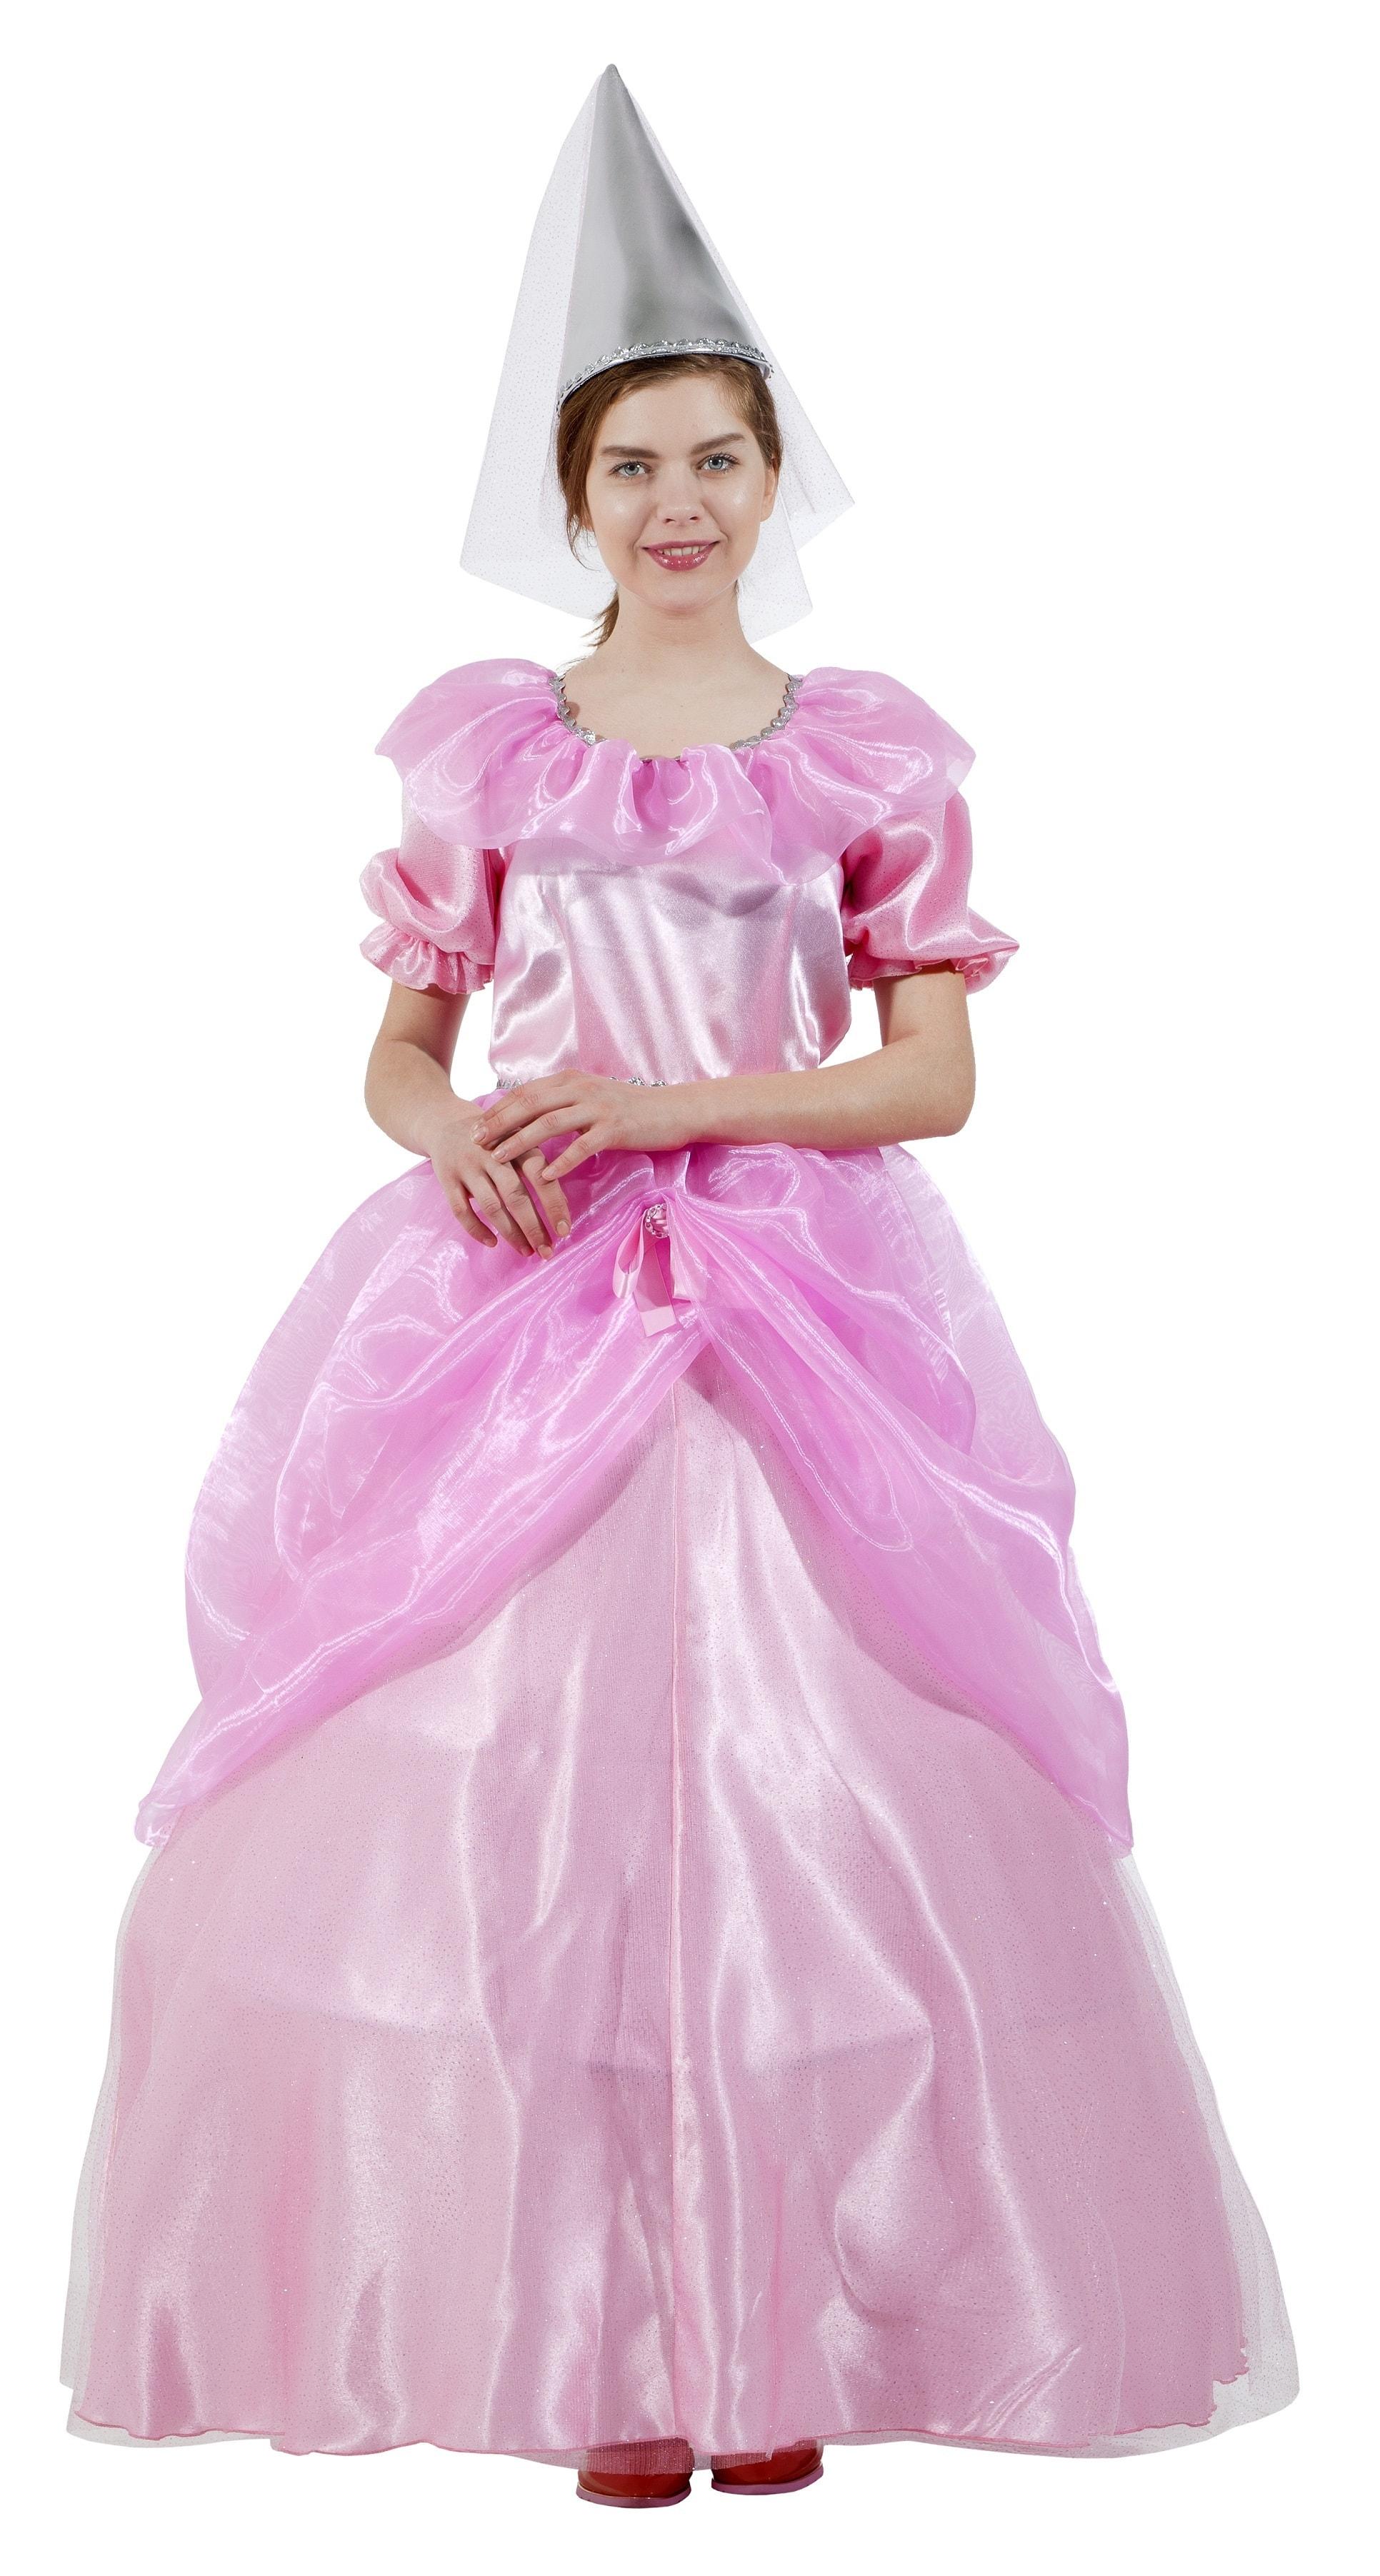 014ce3ed1fb115 Костюм розовая фея взрослый p0126 купить в интернет-магазине - My ...